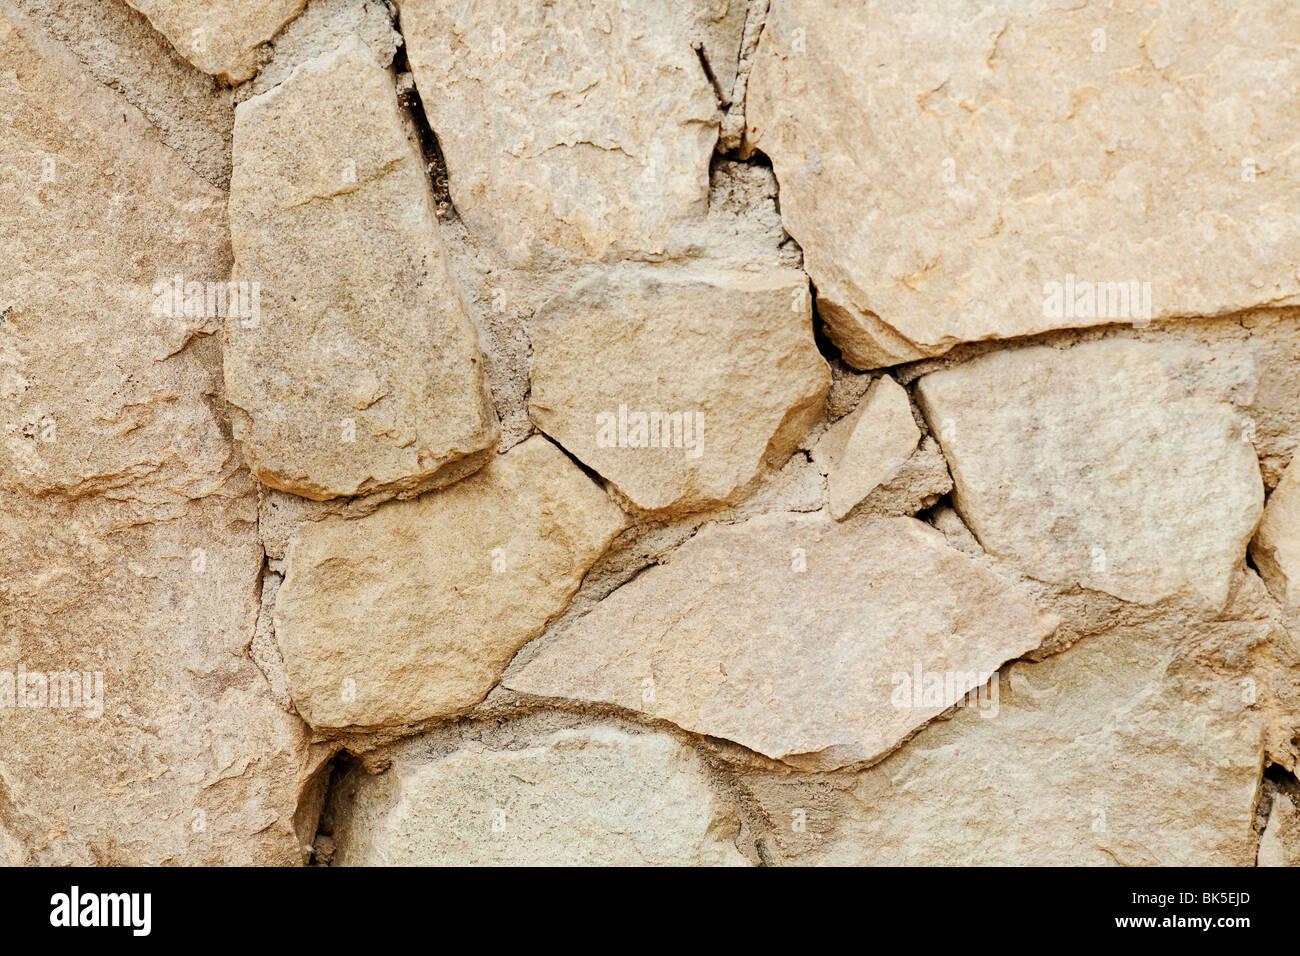 Steinmauer Hintergrund schoss mit einem Makro-Objektiv Stockbild